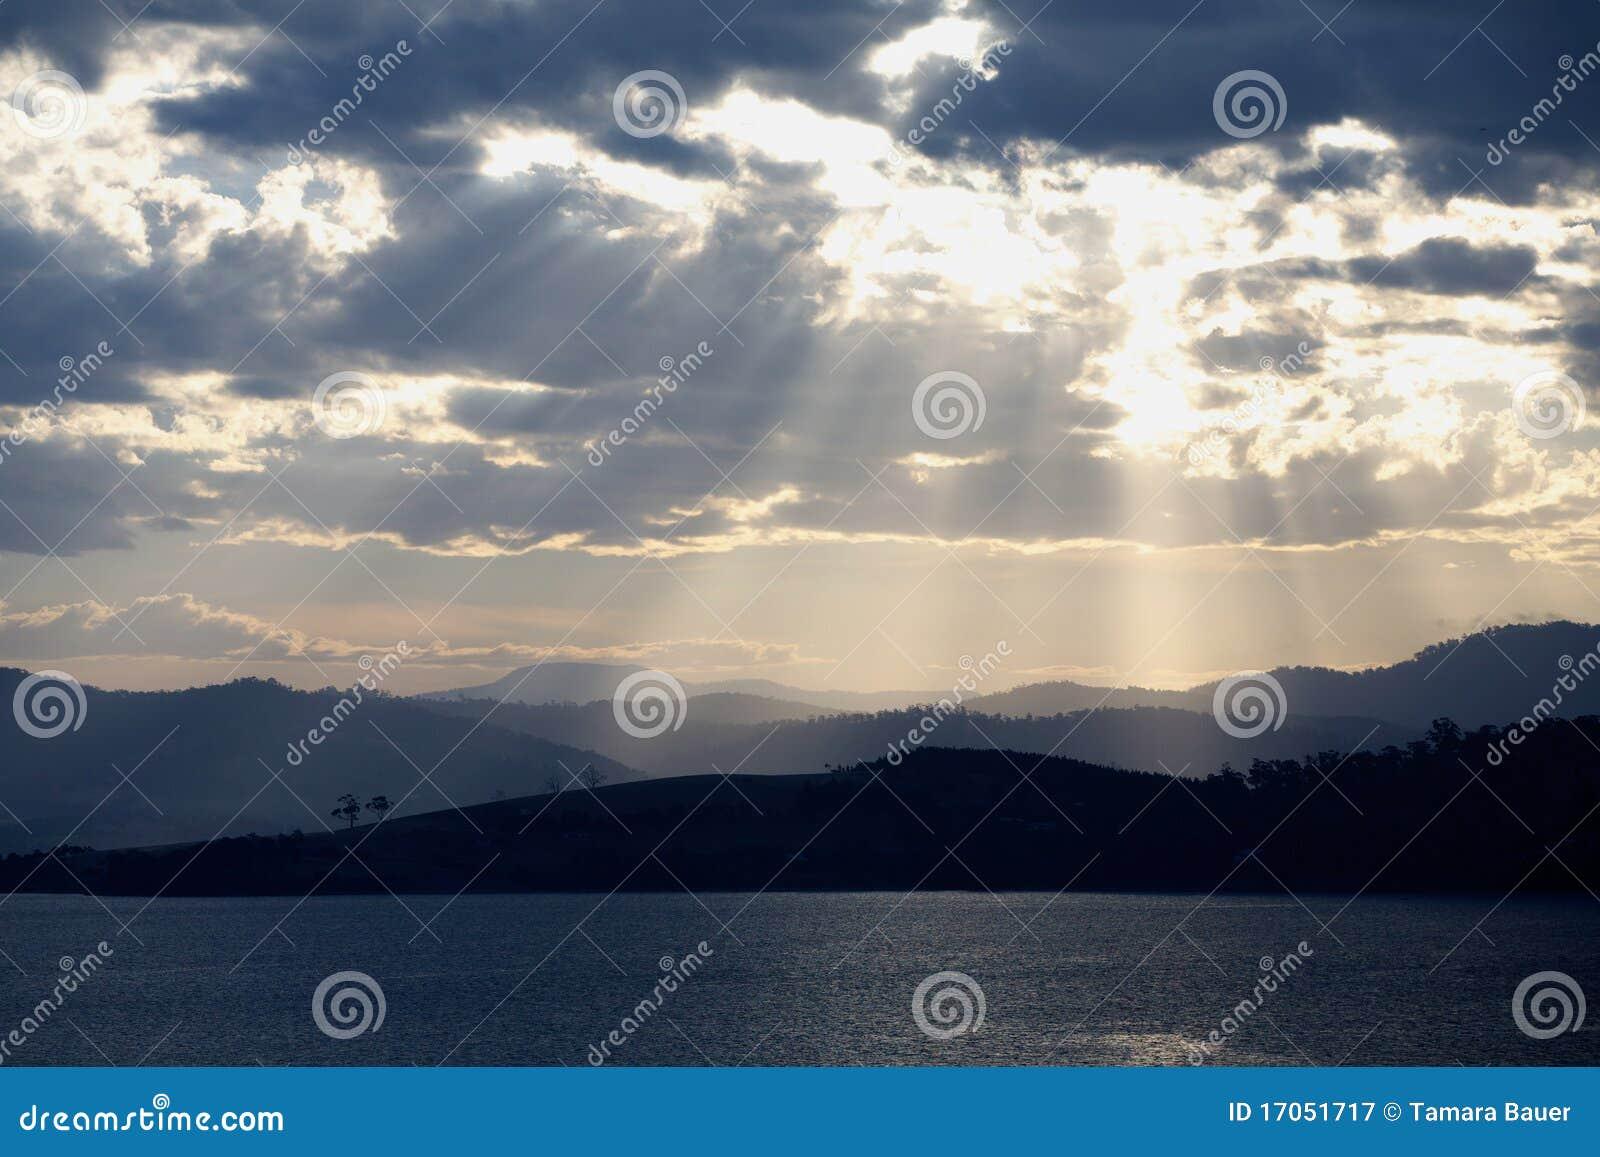 Evening light rays